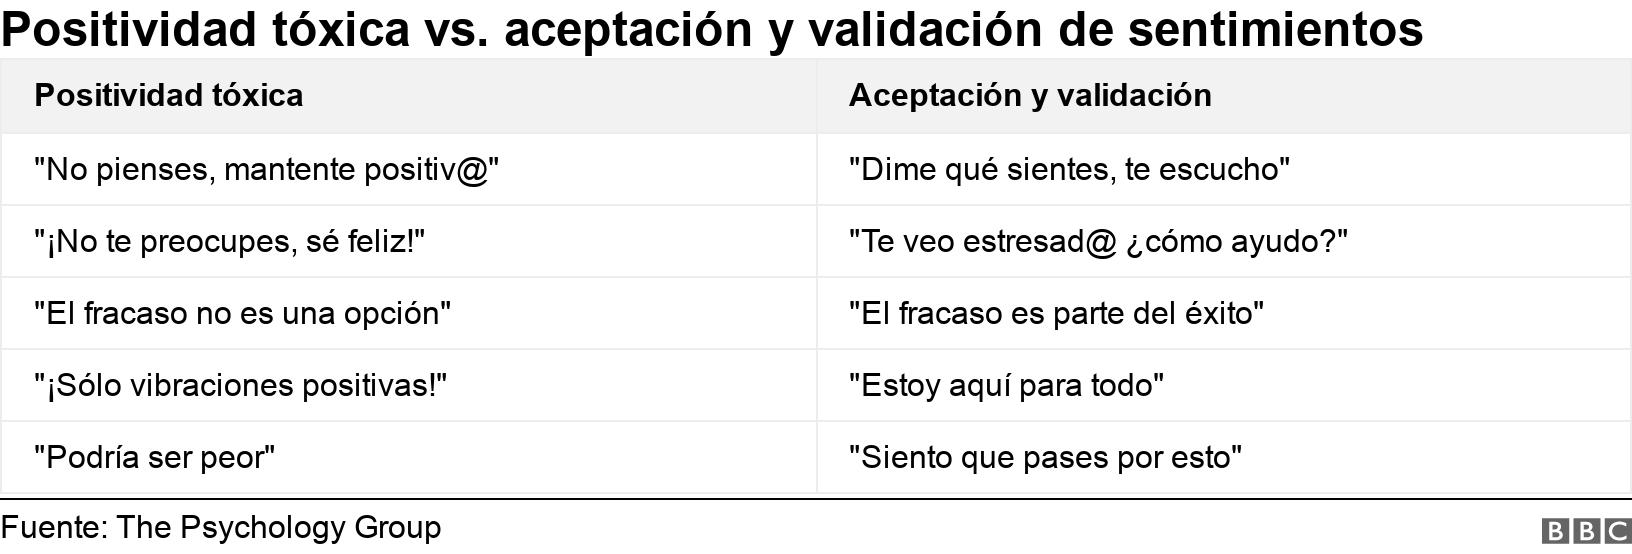 Positividad tóxica vs. aceptación y validación de sentimientos. .  .